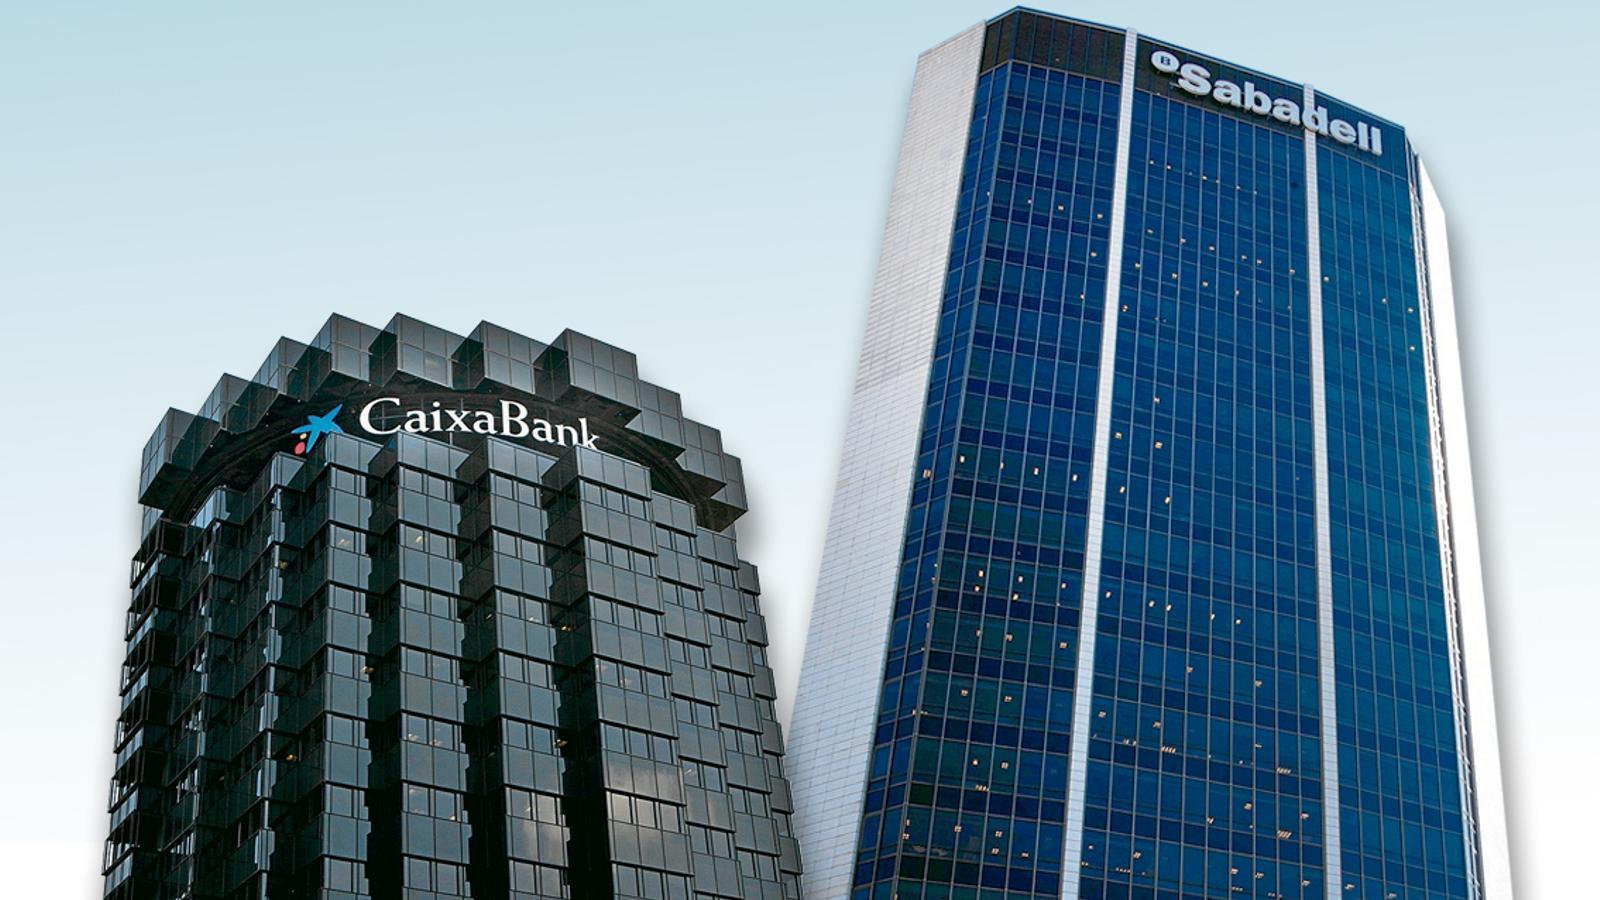 L'Estat va treure milers de milions de dipòsits dels bancs catalans el 2-O